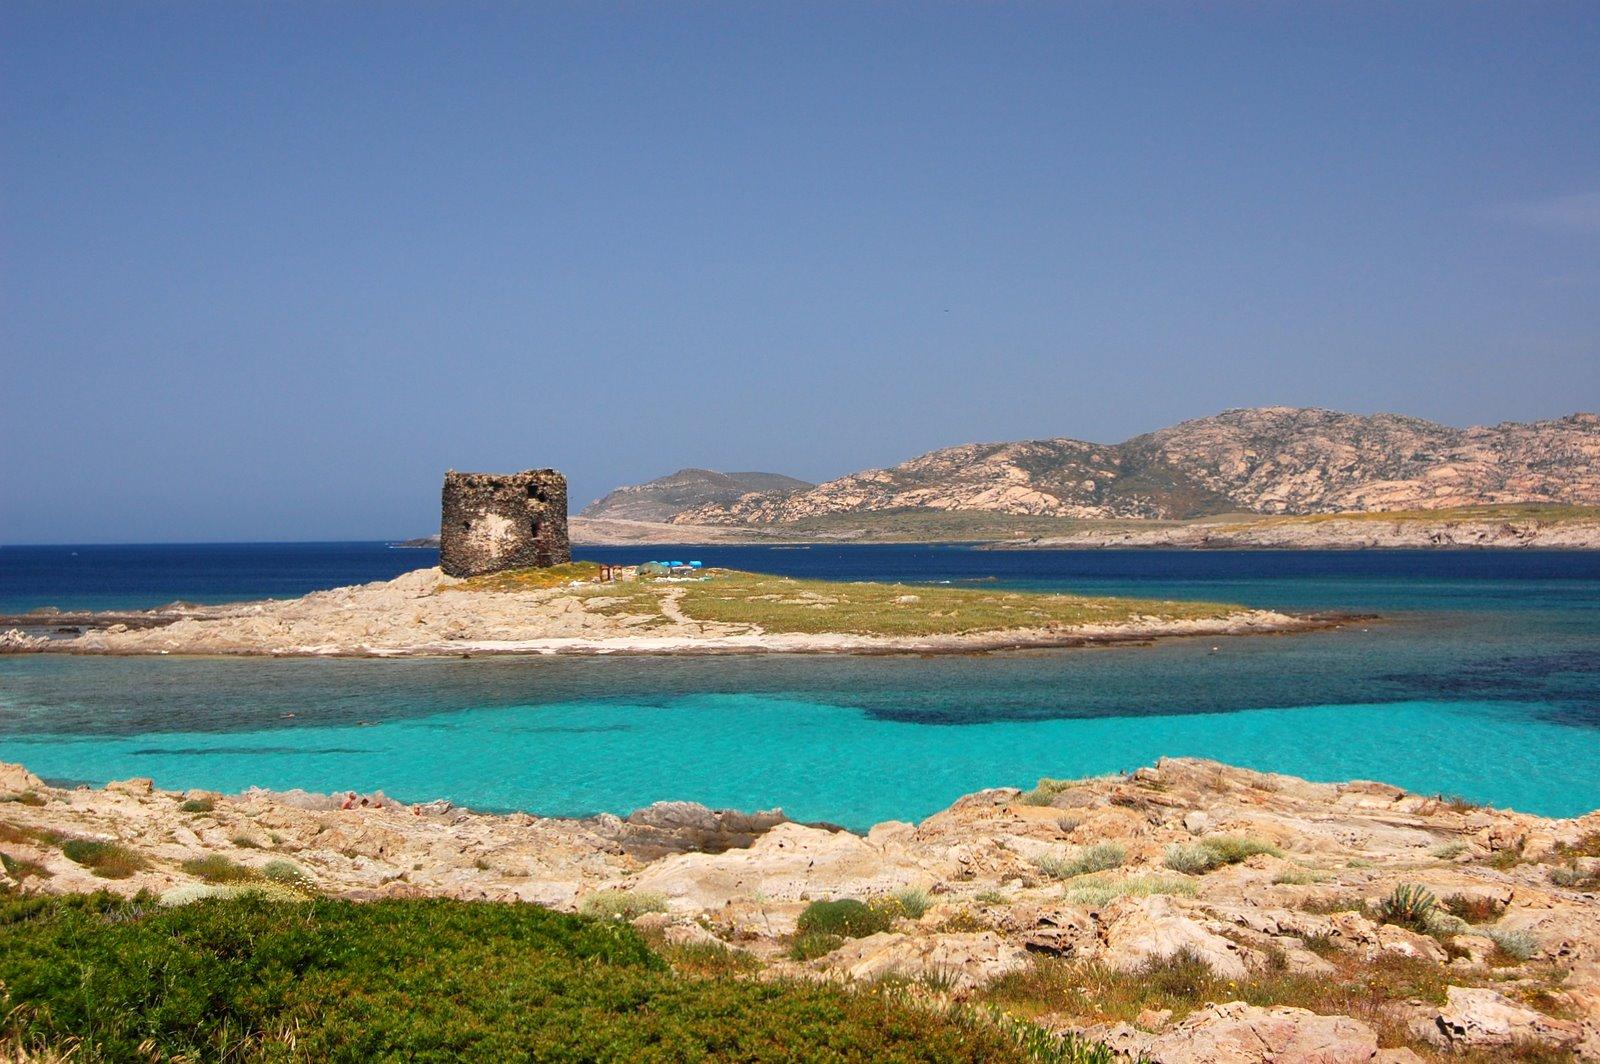 Spiaggia della Pelosa, Sardinia